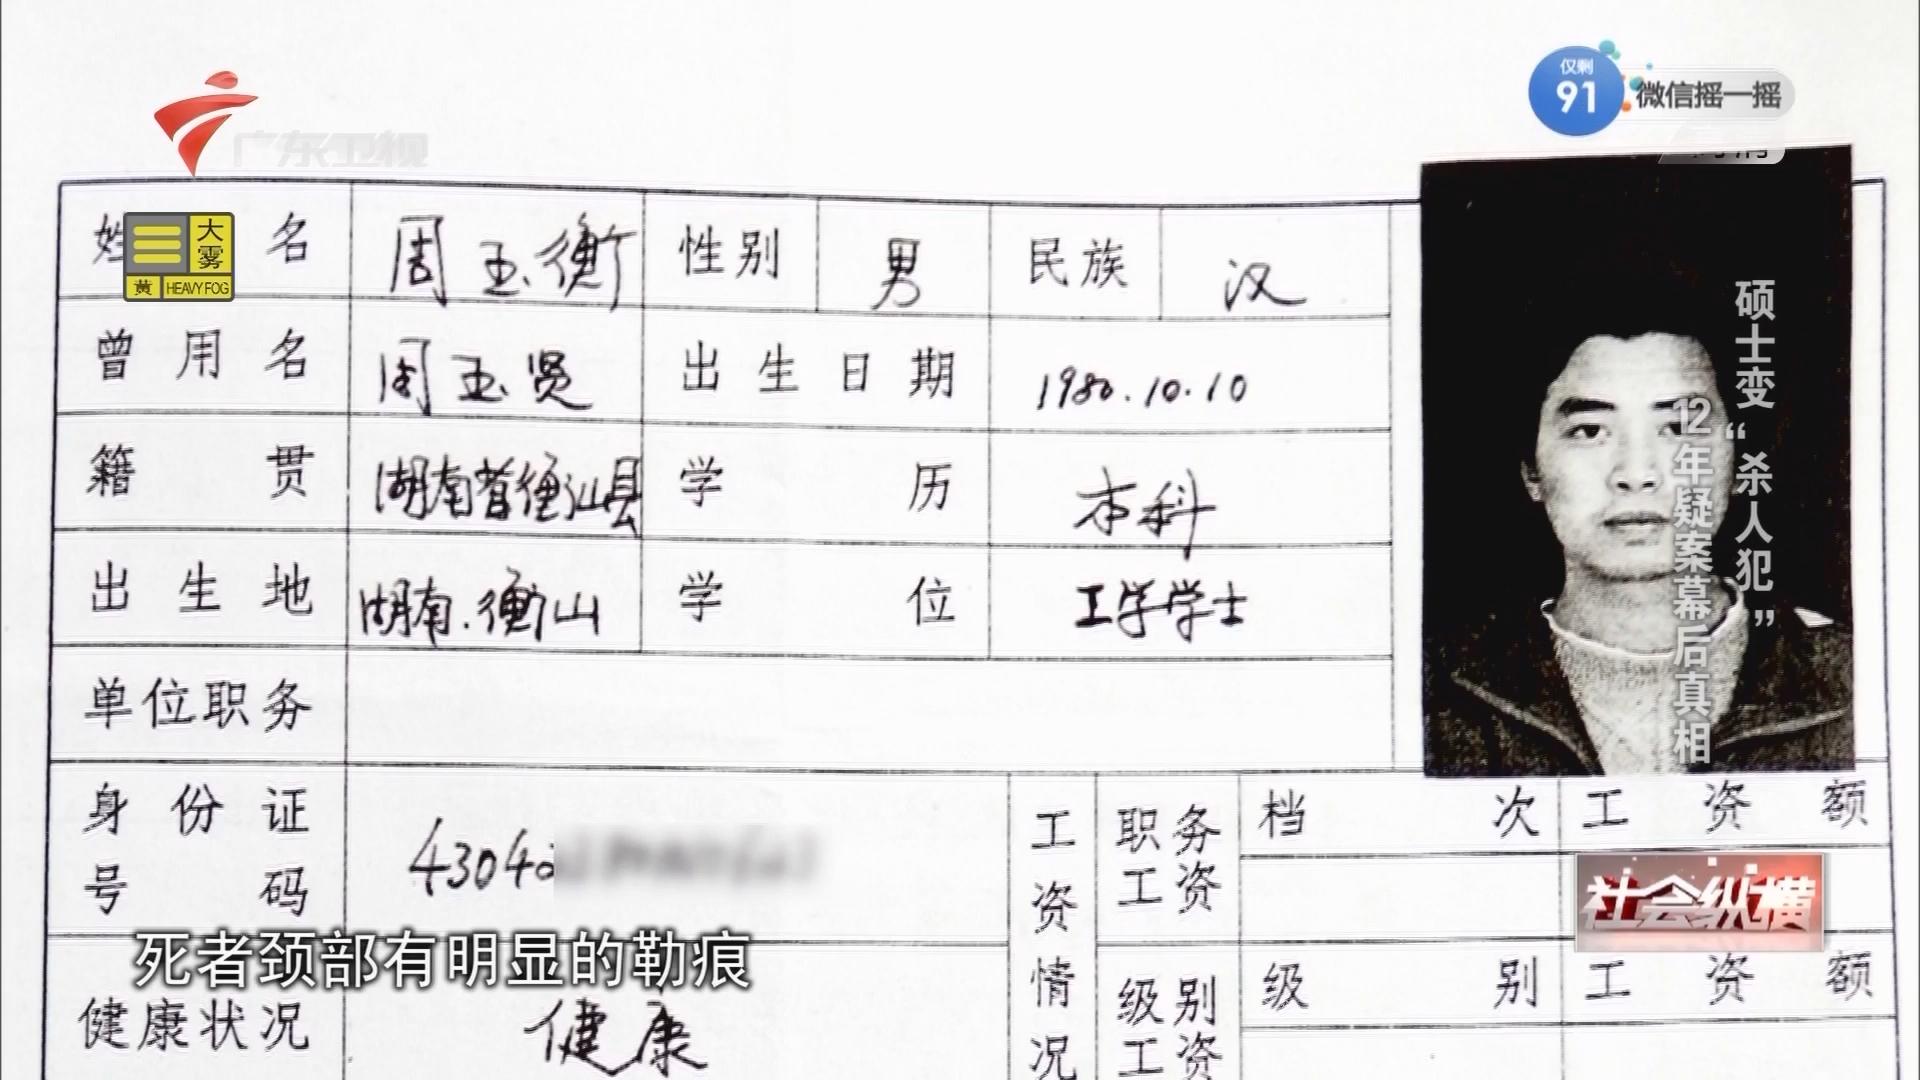 """20160120 《社会纵横》:硕士变""""杀人犯"""" 12年疑案幕后真相"""